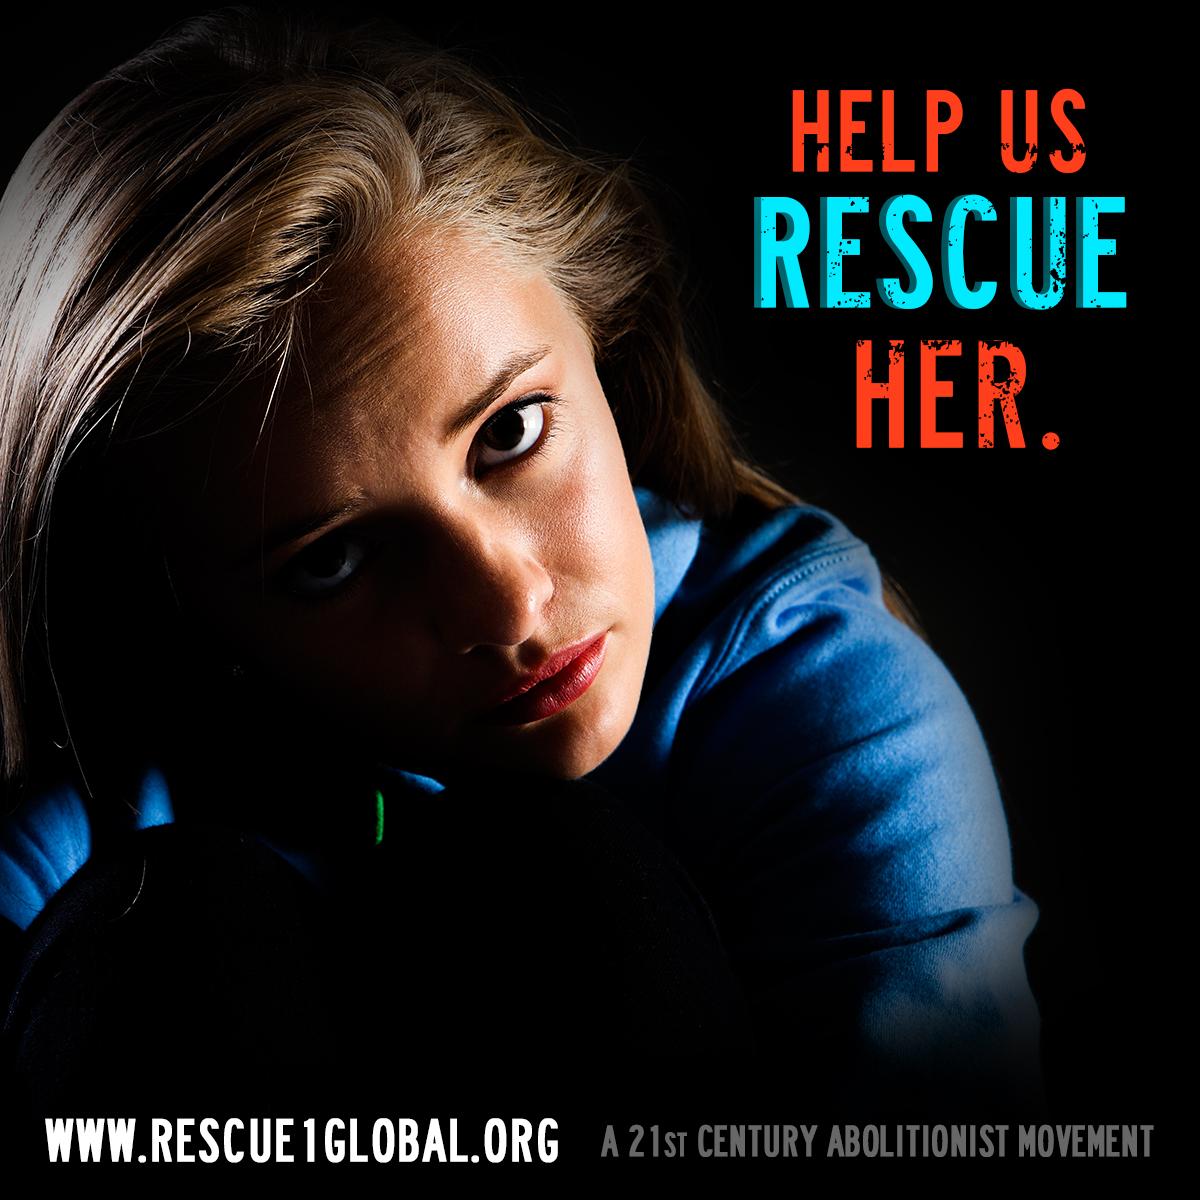 Rescue Her-Share-Rescue1